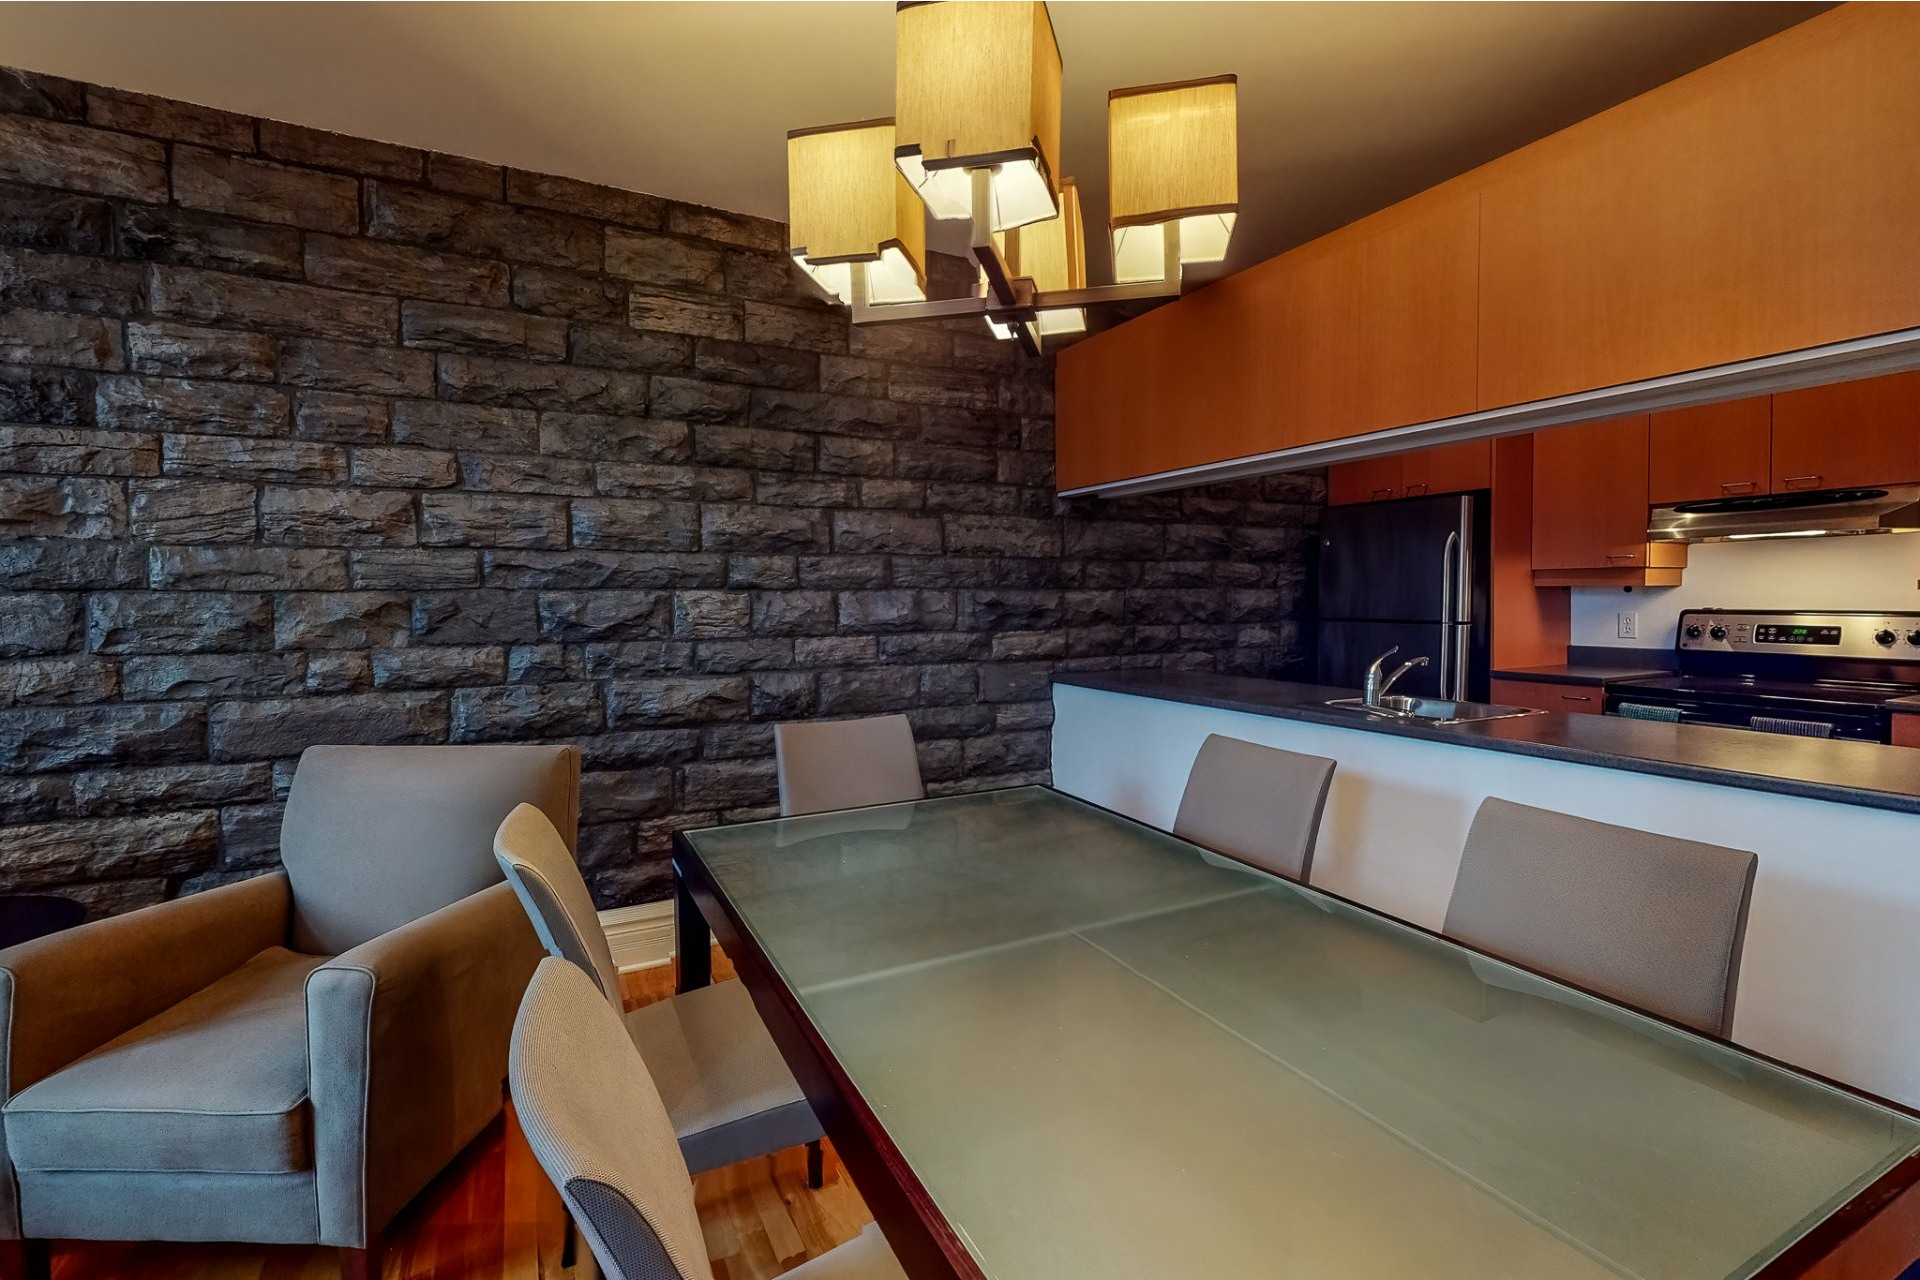 image 6 - Appartement À louer Le Plateau-Mont-Royal Montréal  - 5 pièces